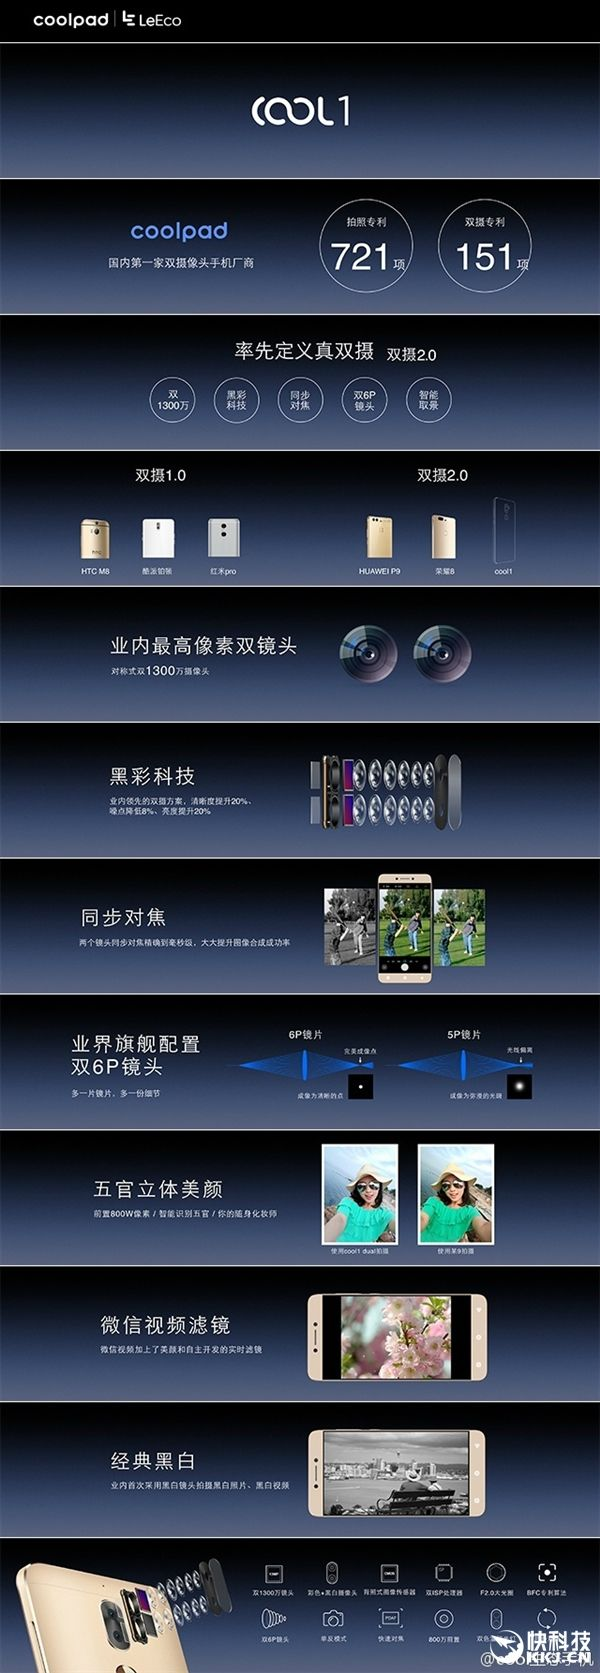 Cool1 с двумя тыльными камерами и Snapdragon 652 стоит дешевле Xiaomi Redmi Pro – фото 4